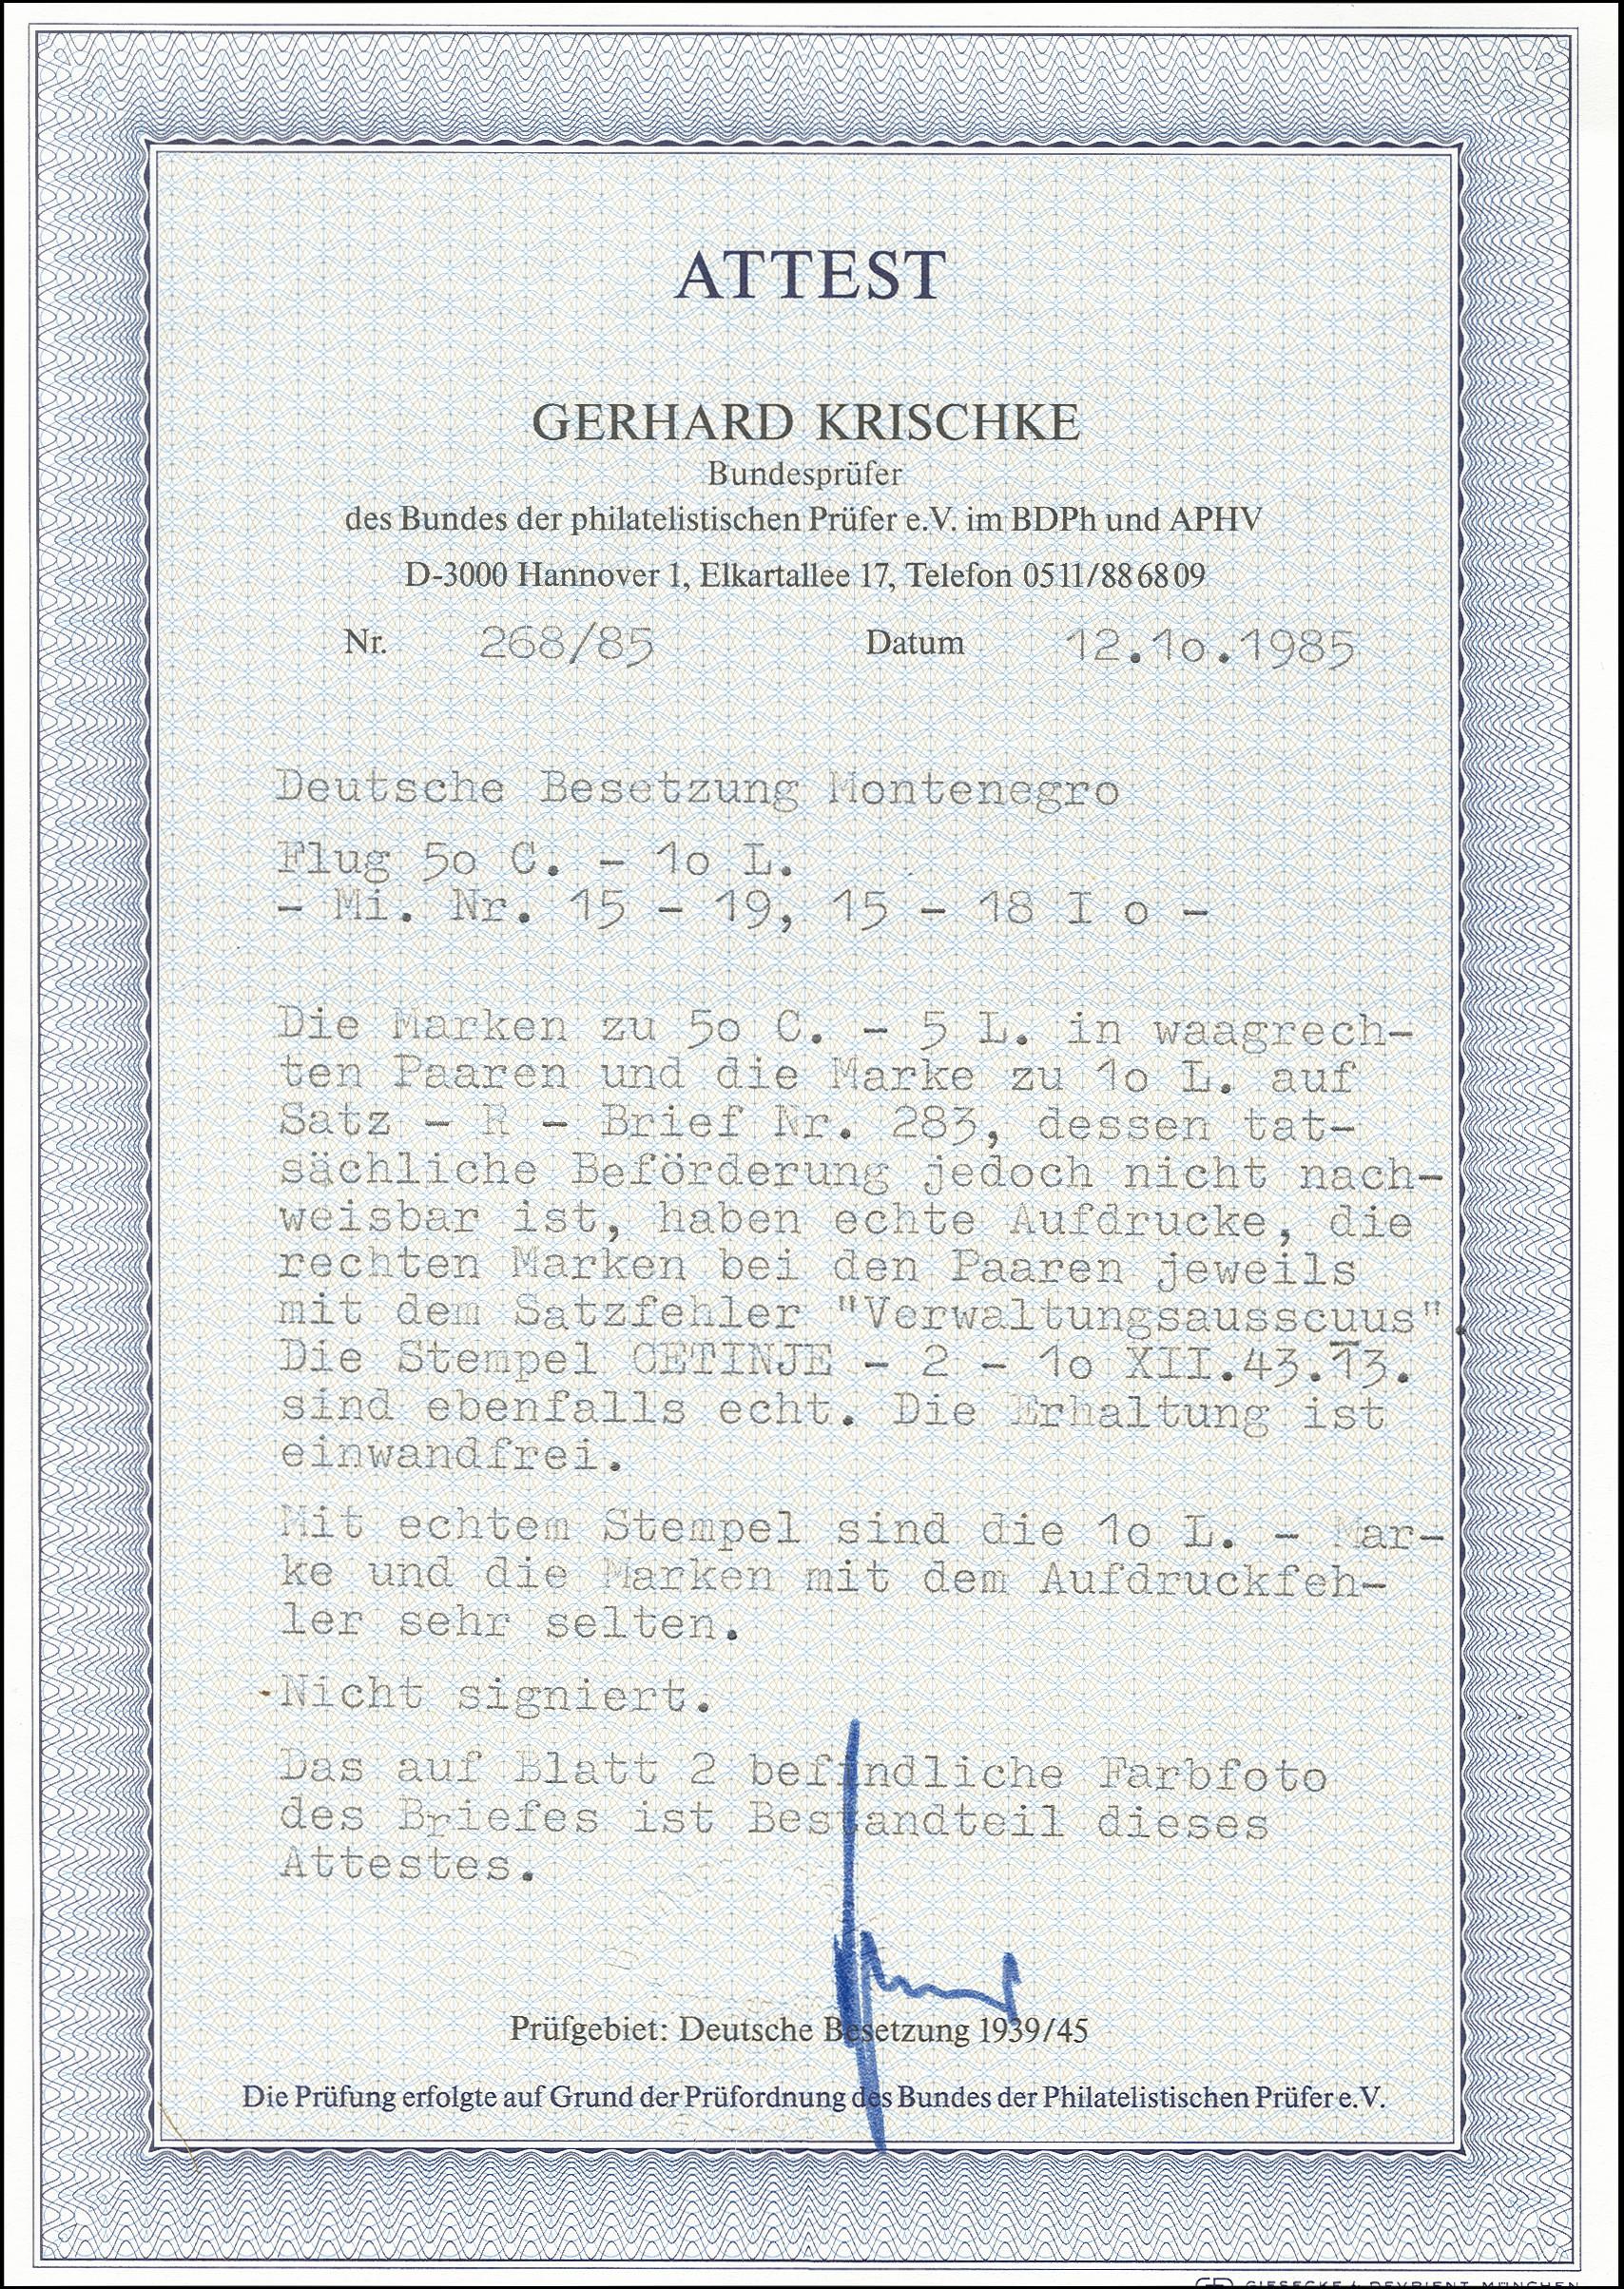 Lot 3355 - german occupation issues 1939/45 monténégro -  Heinrich Koehler Auktionen Heinrich Köhler Auction 376 - Day 4